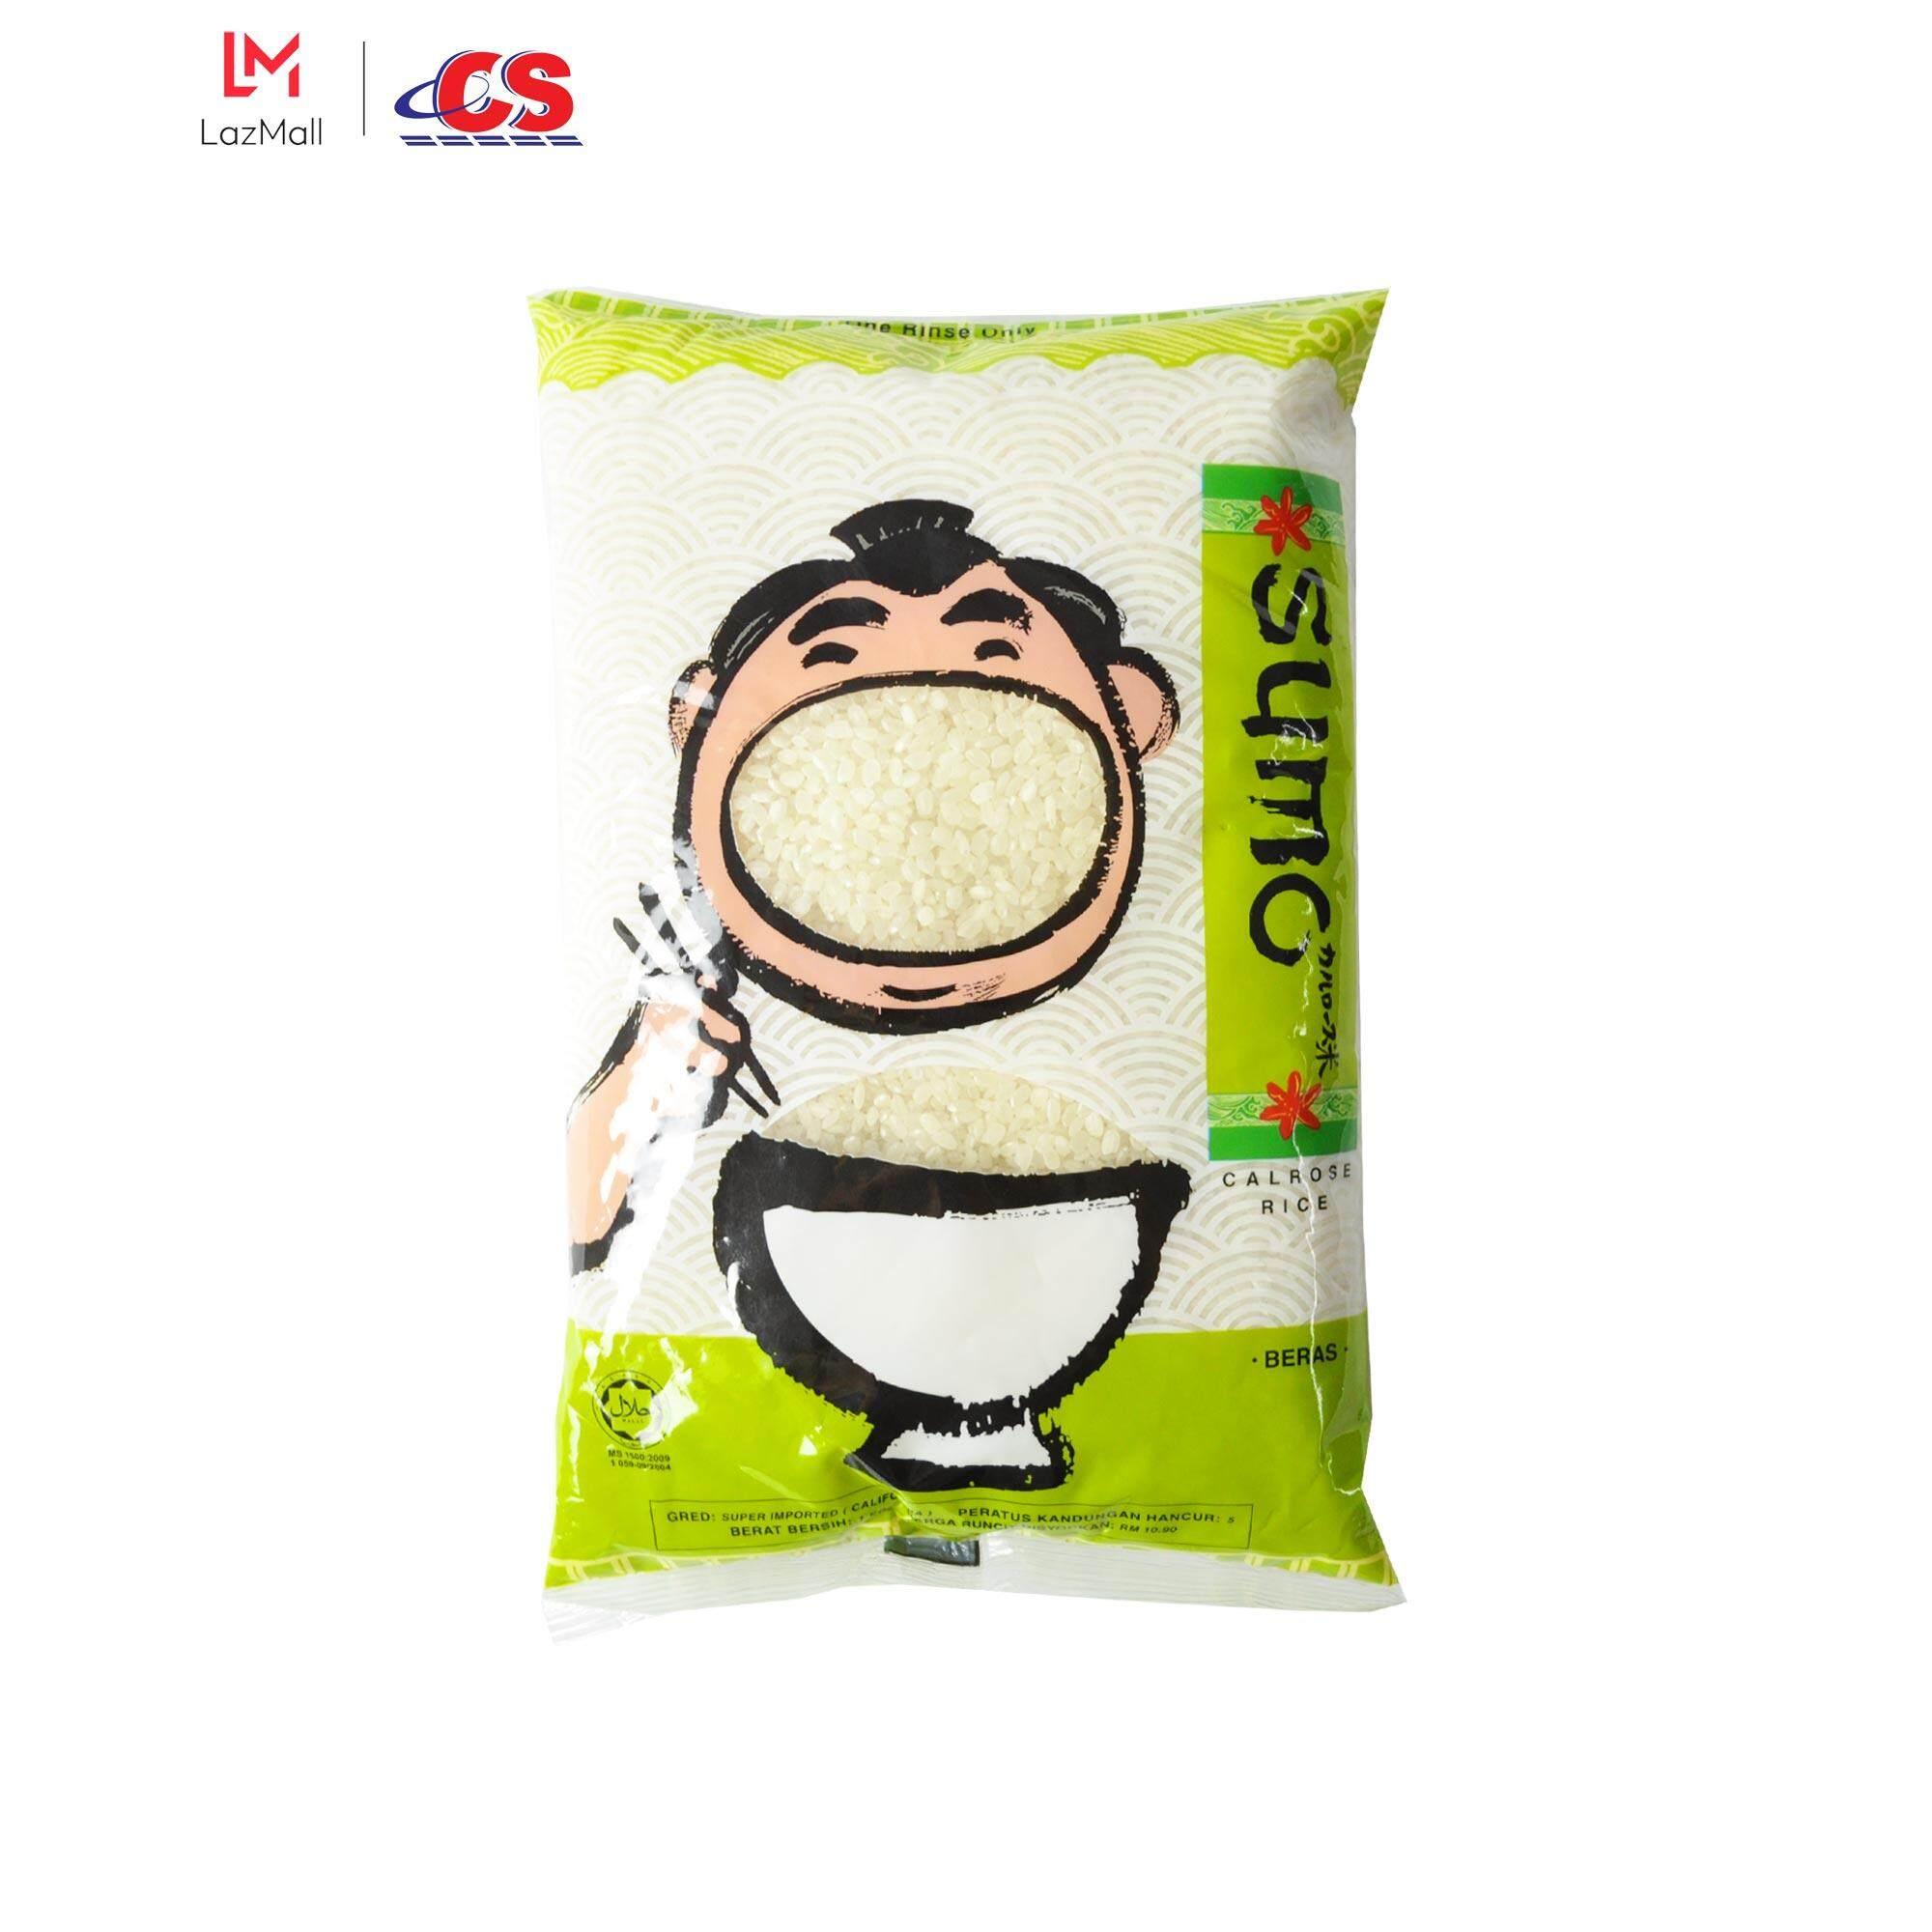 SUMO Calrose Rice 1kg